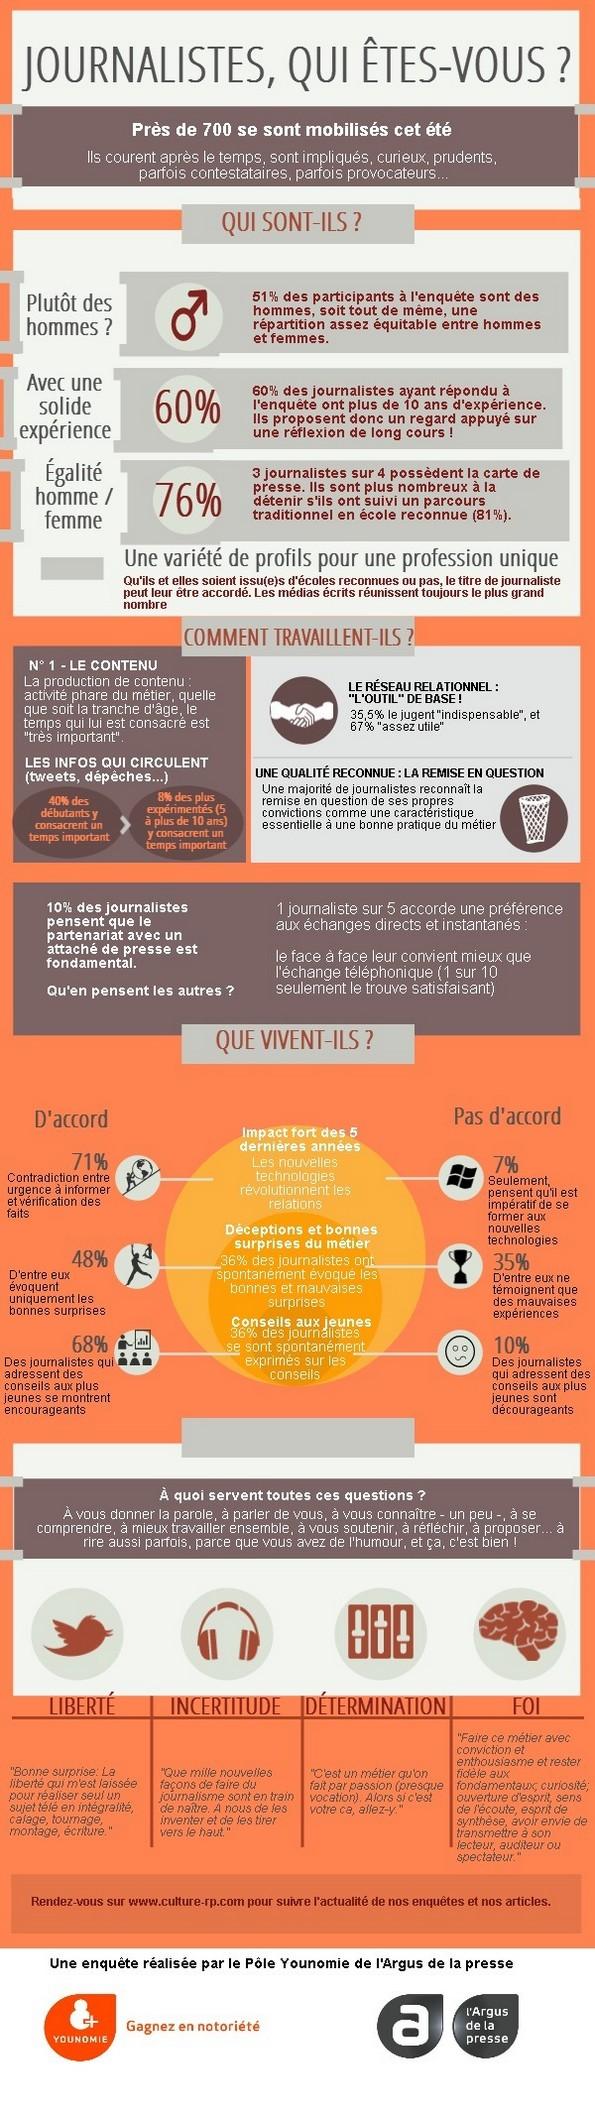 Infographie Qui sont les journalistes (avril 2014) (2)